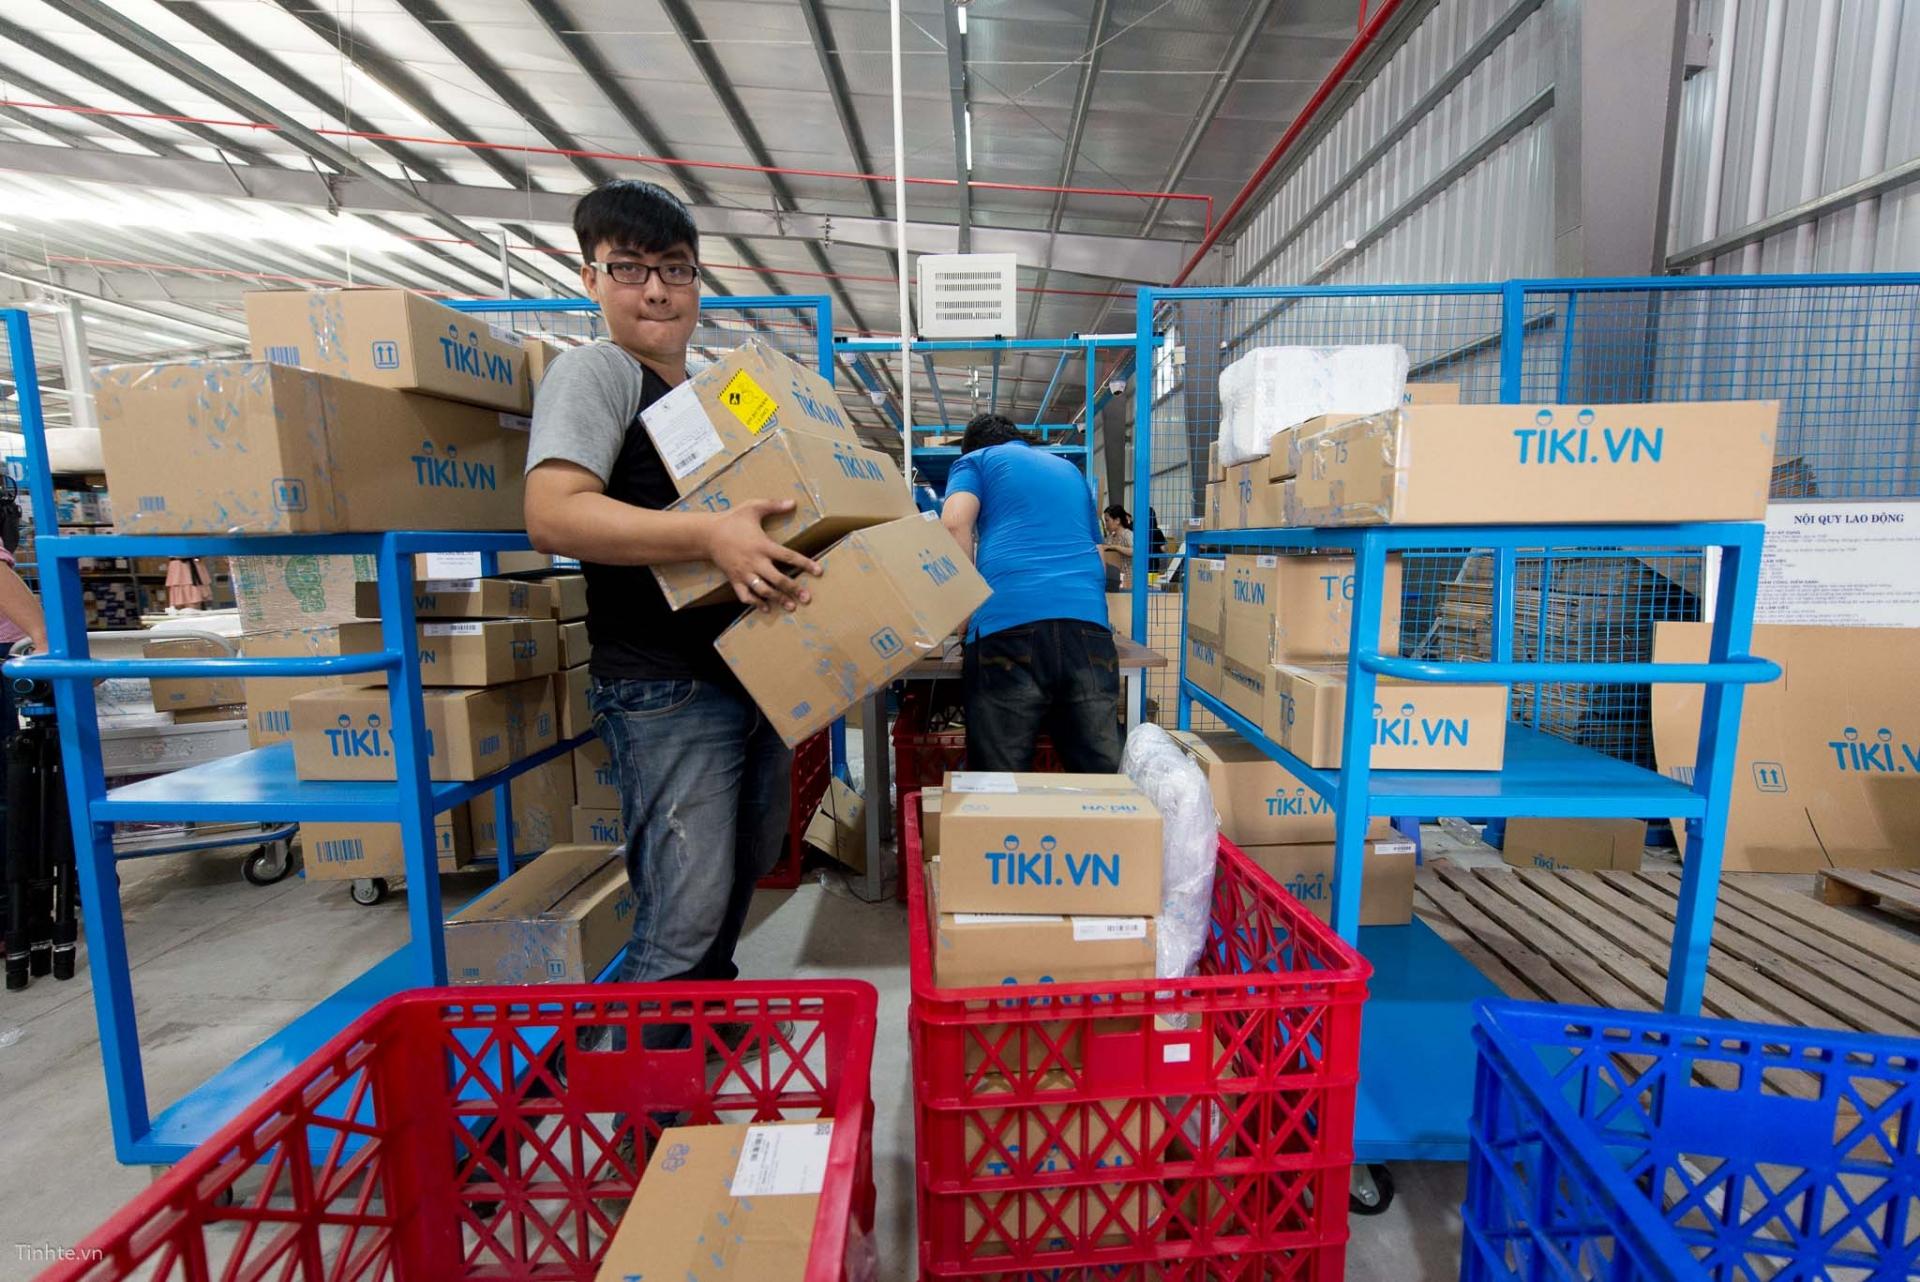 Vietnamese e-commerce market a tough nut to crack